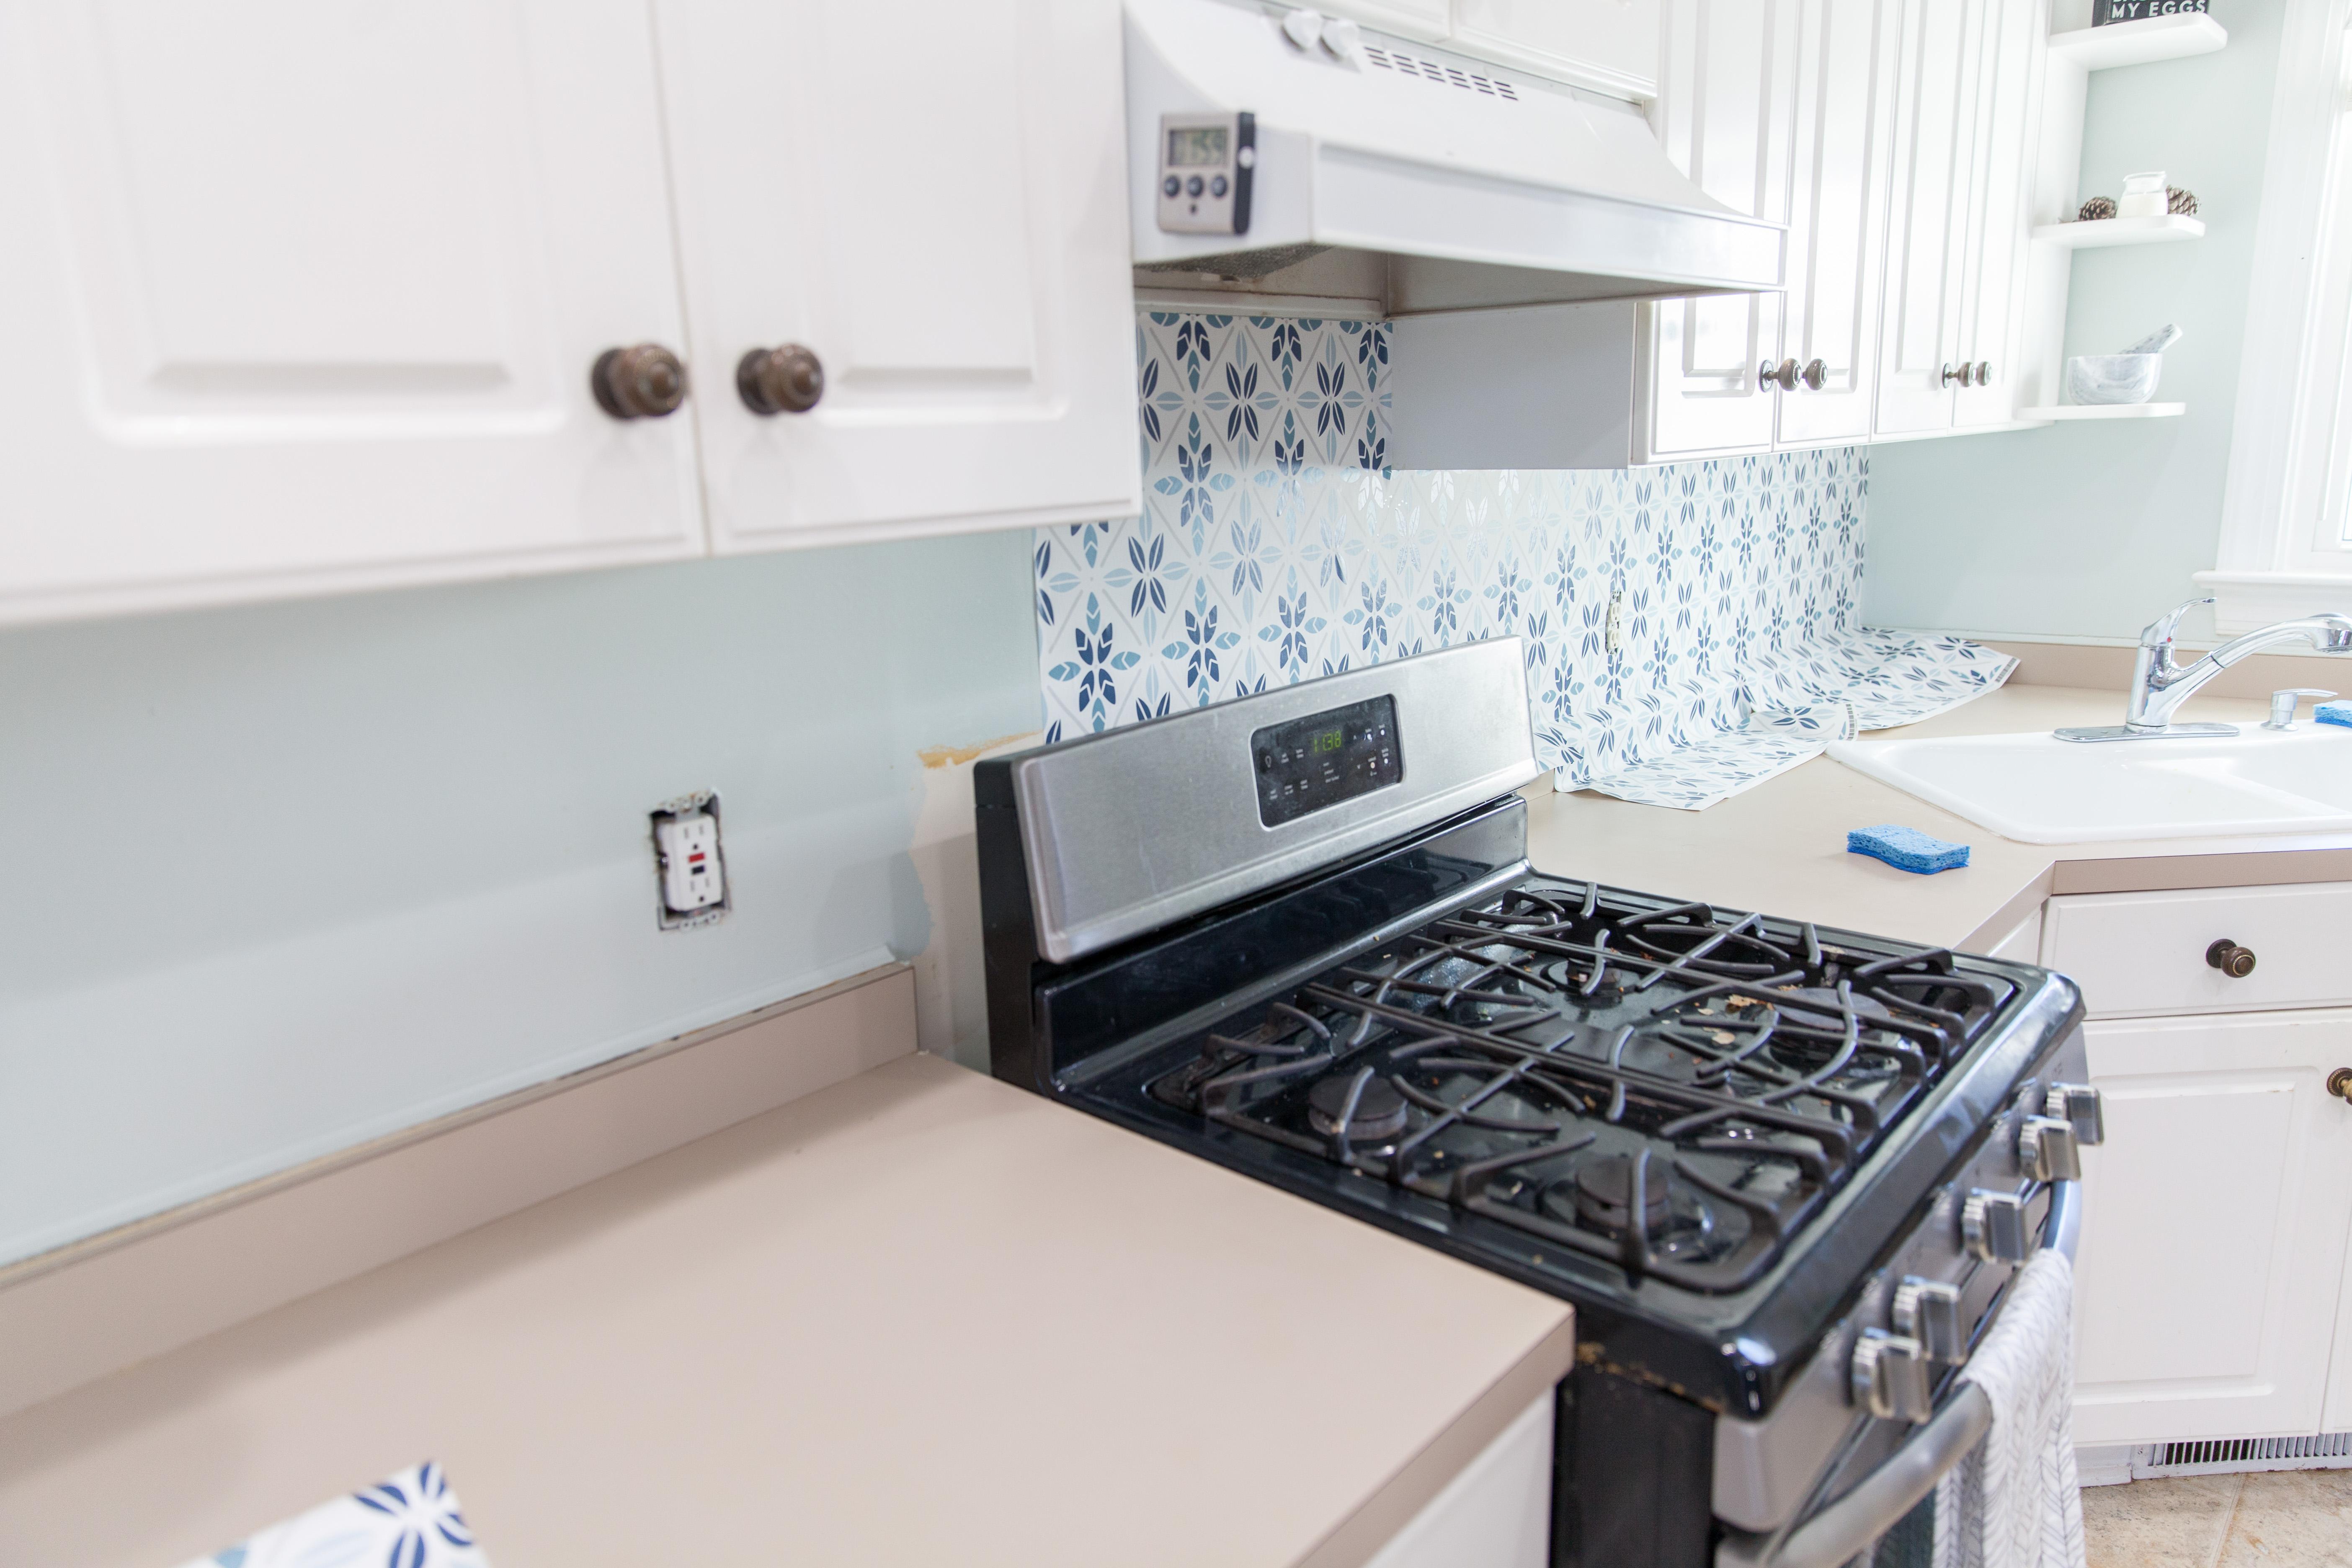 Image of: Easy Faux Tile Backsplash With Eco Friendly Wallpaper Diy Wallpaper Kitchen Backsplash 3070870 Hd Wallpaper Backgrounds Download